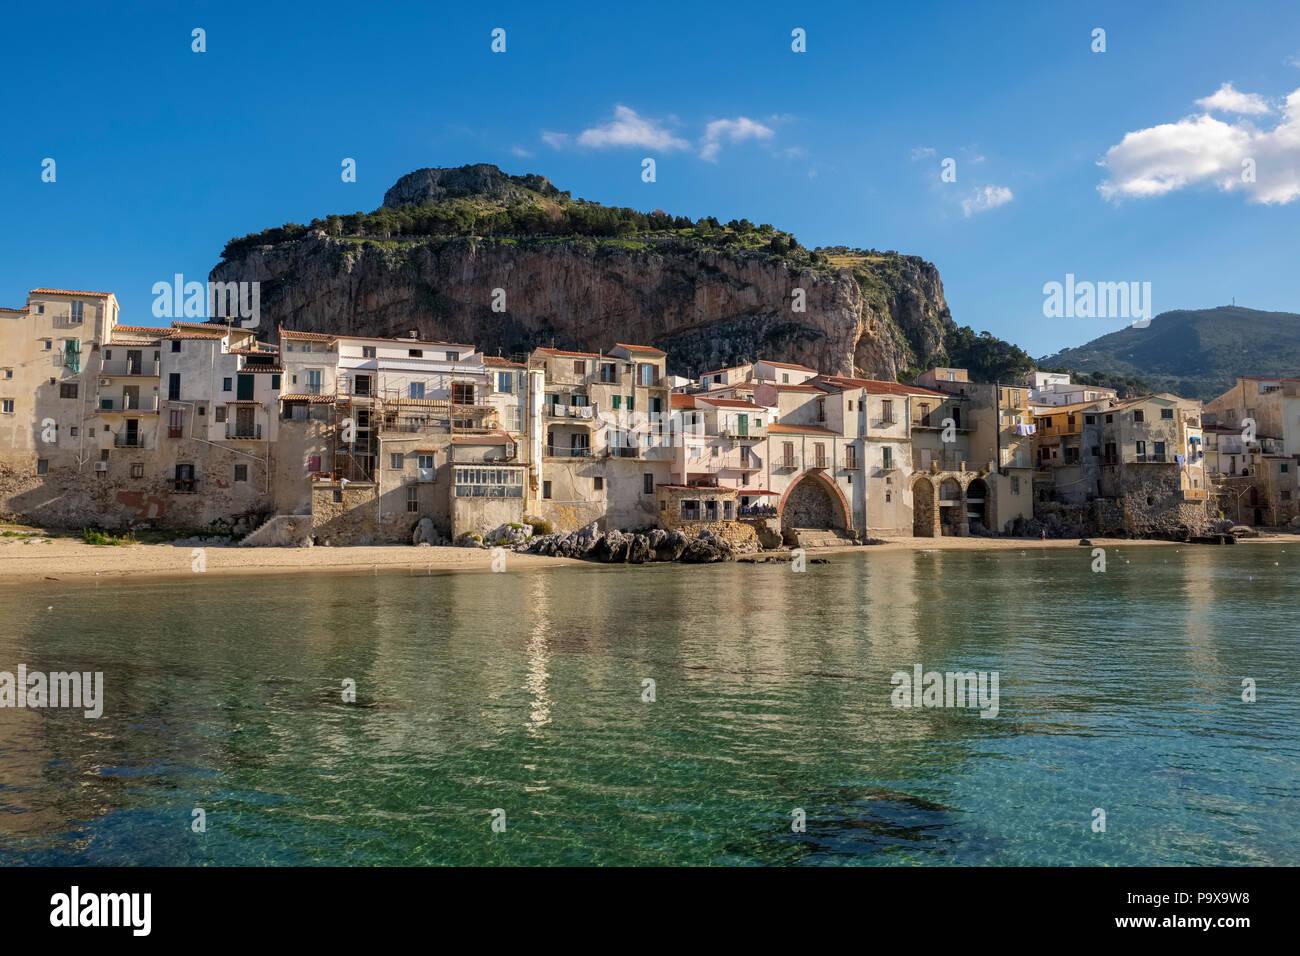 Sicilia, Italia, Europa Medieval - casas de pescadores en el paseo marítimo de la playa de Cefalu, Sicilia en verano Imagen De Stock